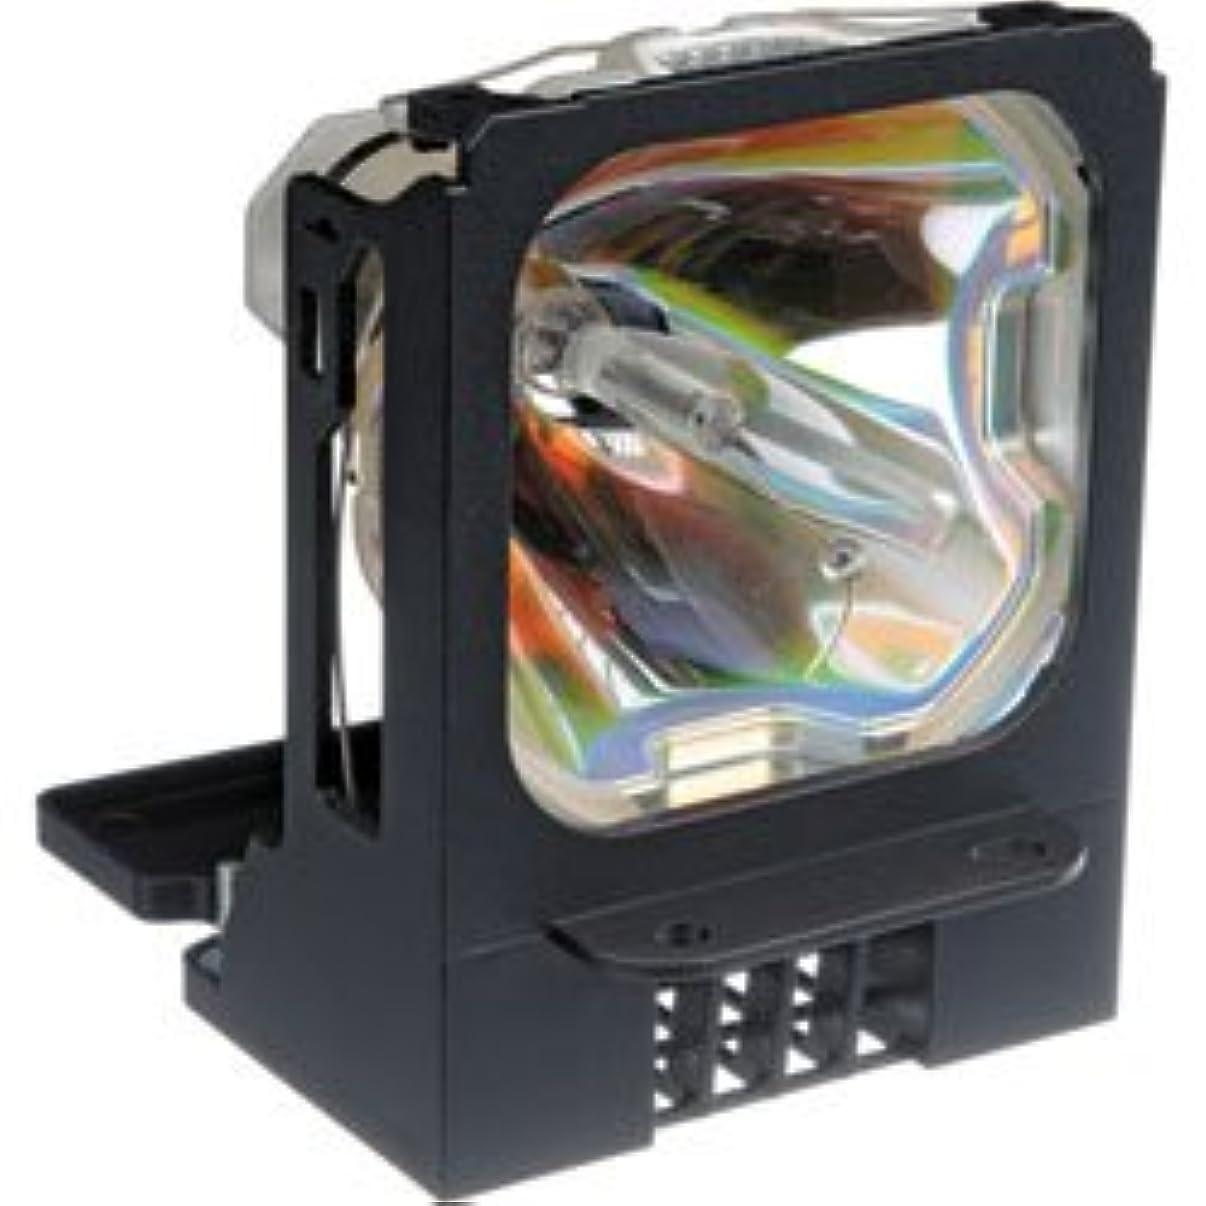 害補助金アンケート交換用for Mitsubishi xl5950luランプ&ハウジングプロジェクタテレビランプ電球